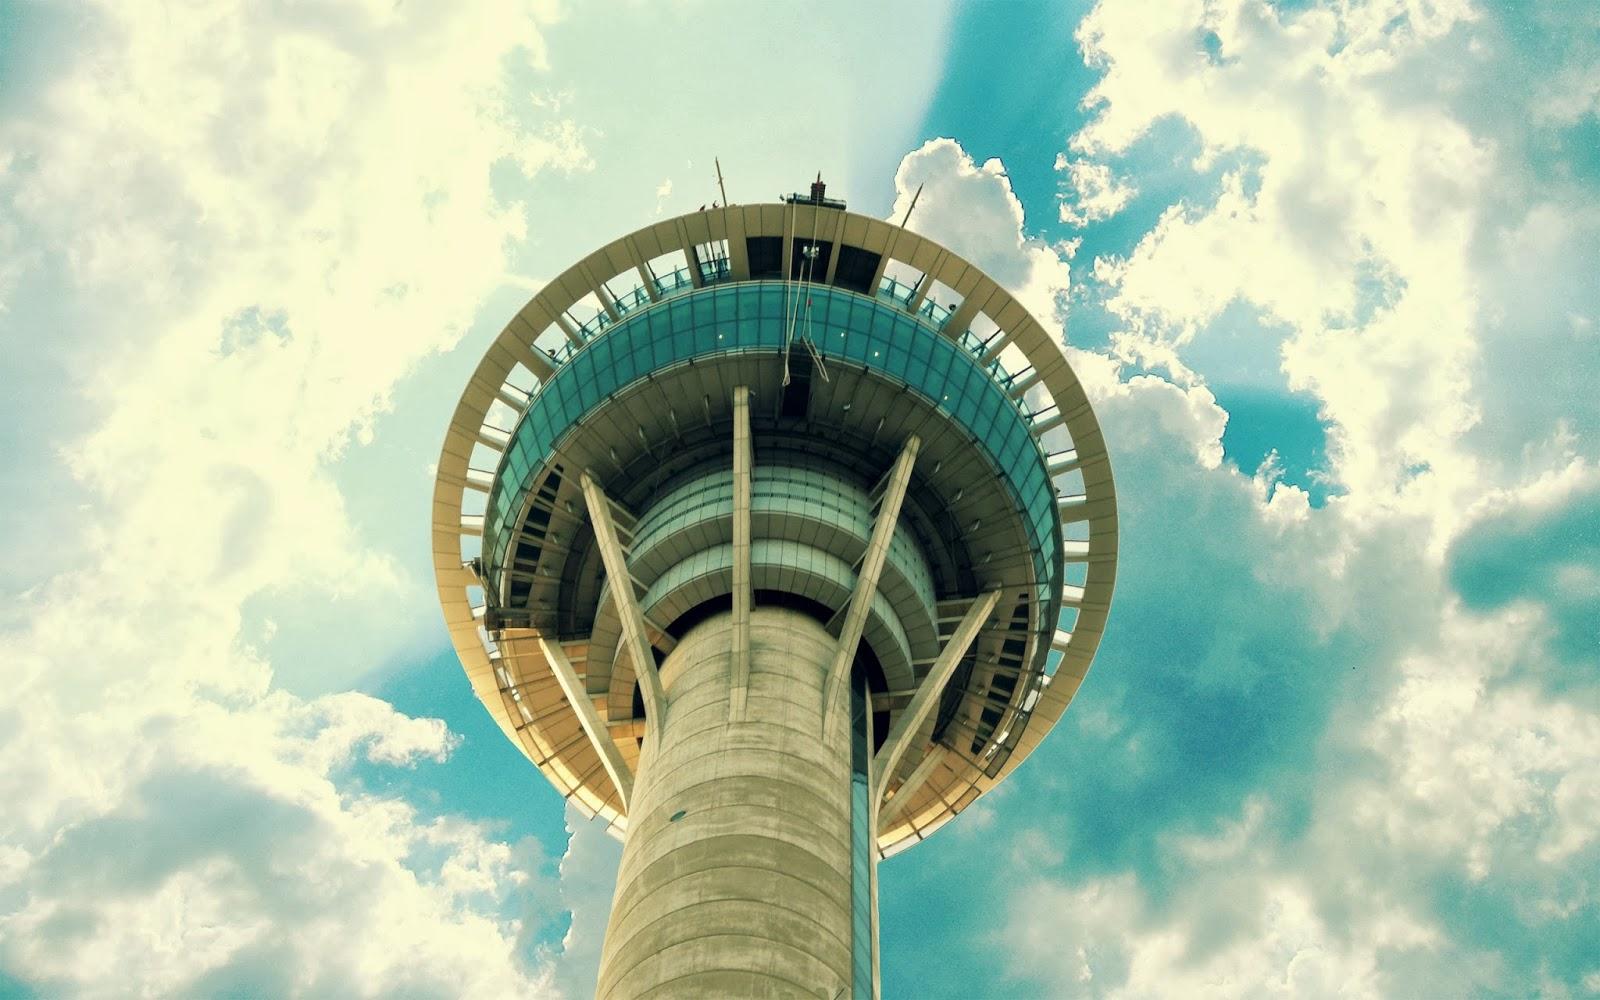 """<img src=""""http://4.bp.blogspot.com/-CG8VPBQ-078/Ut_sSaoqTzI/AAAAAAAAJvk/7RltxKU-VGo/s1600/macau-sky-tower.jpg"""" alt=""""macau sky tower"""" />"""